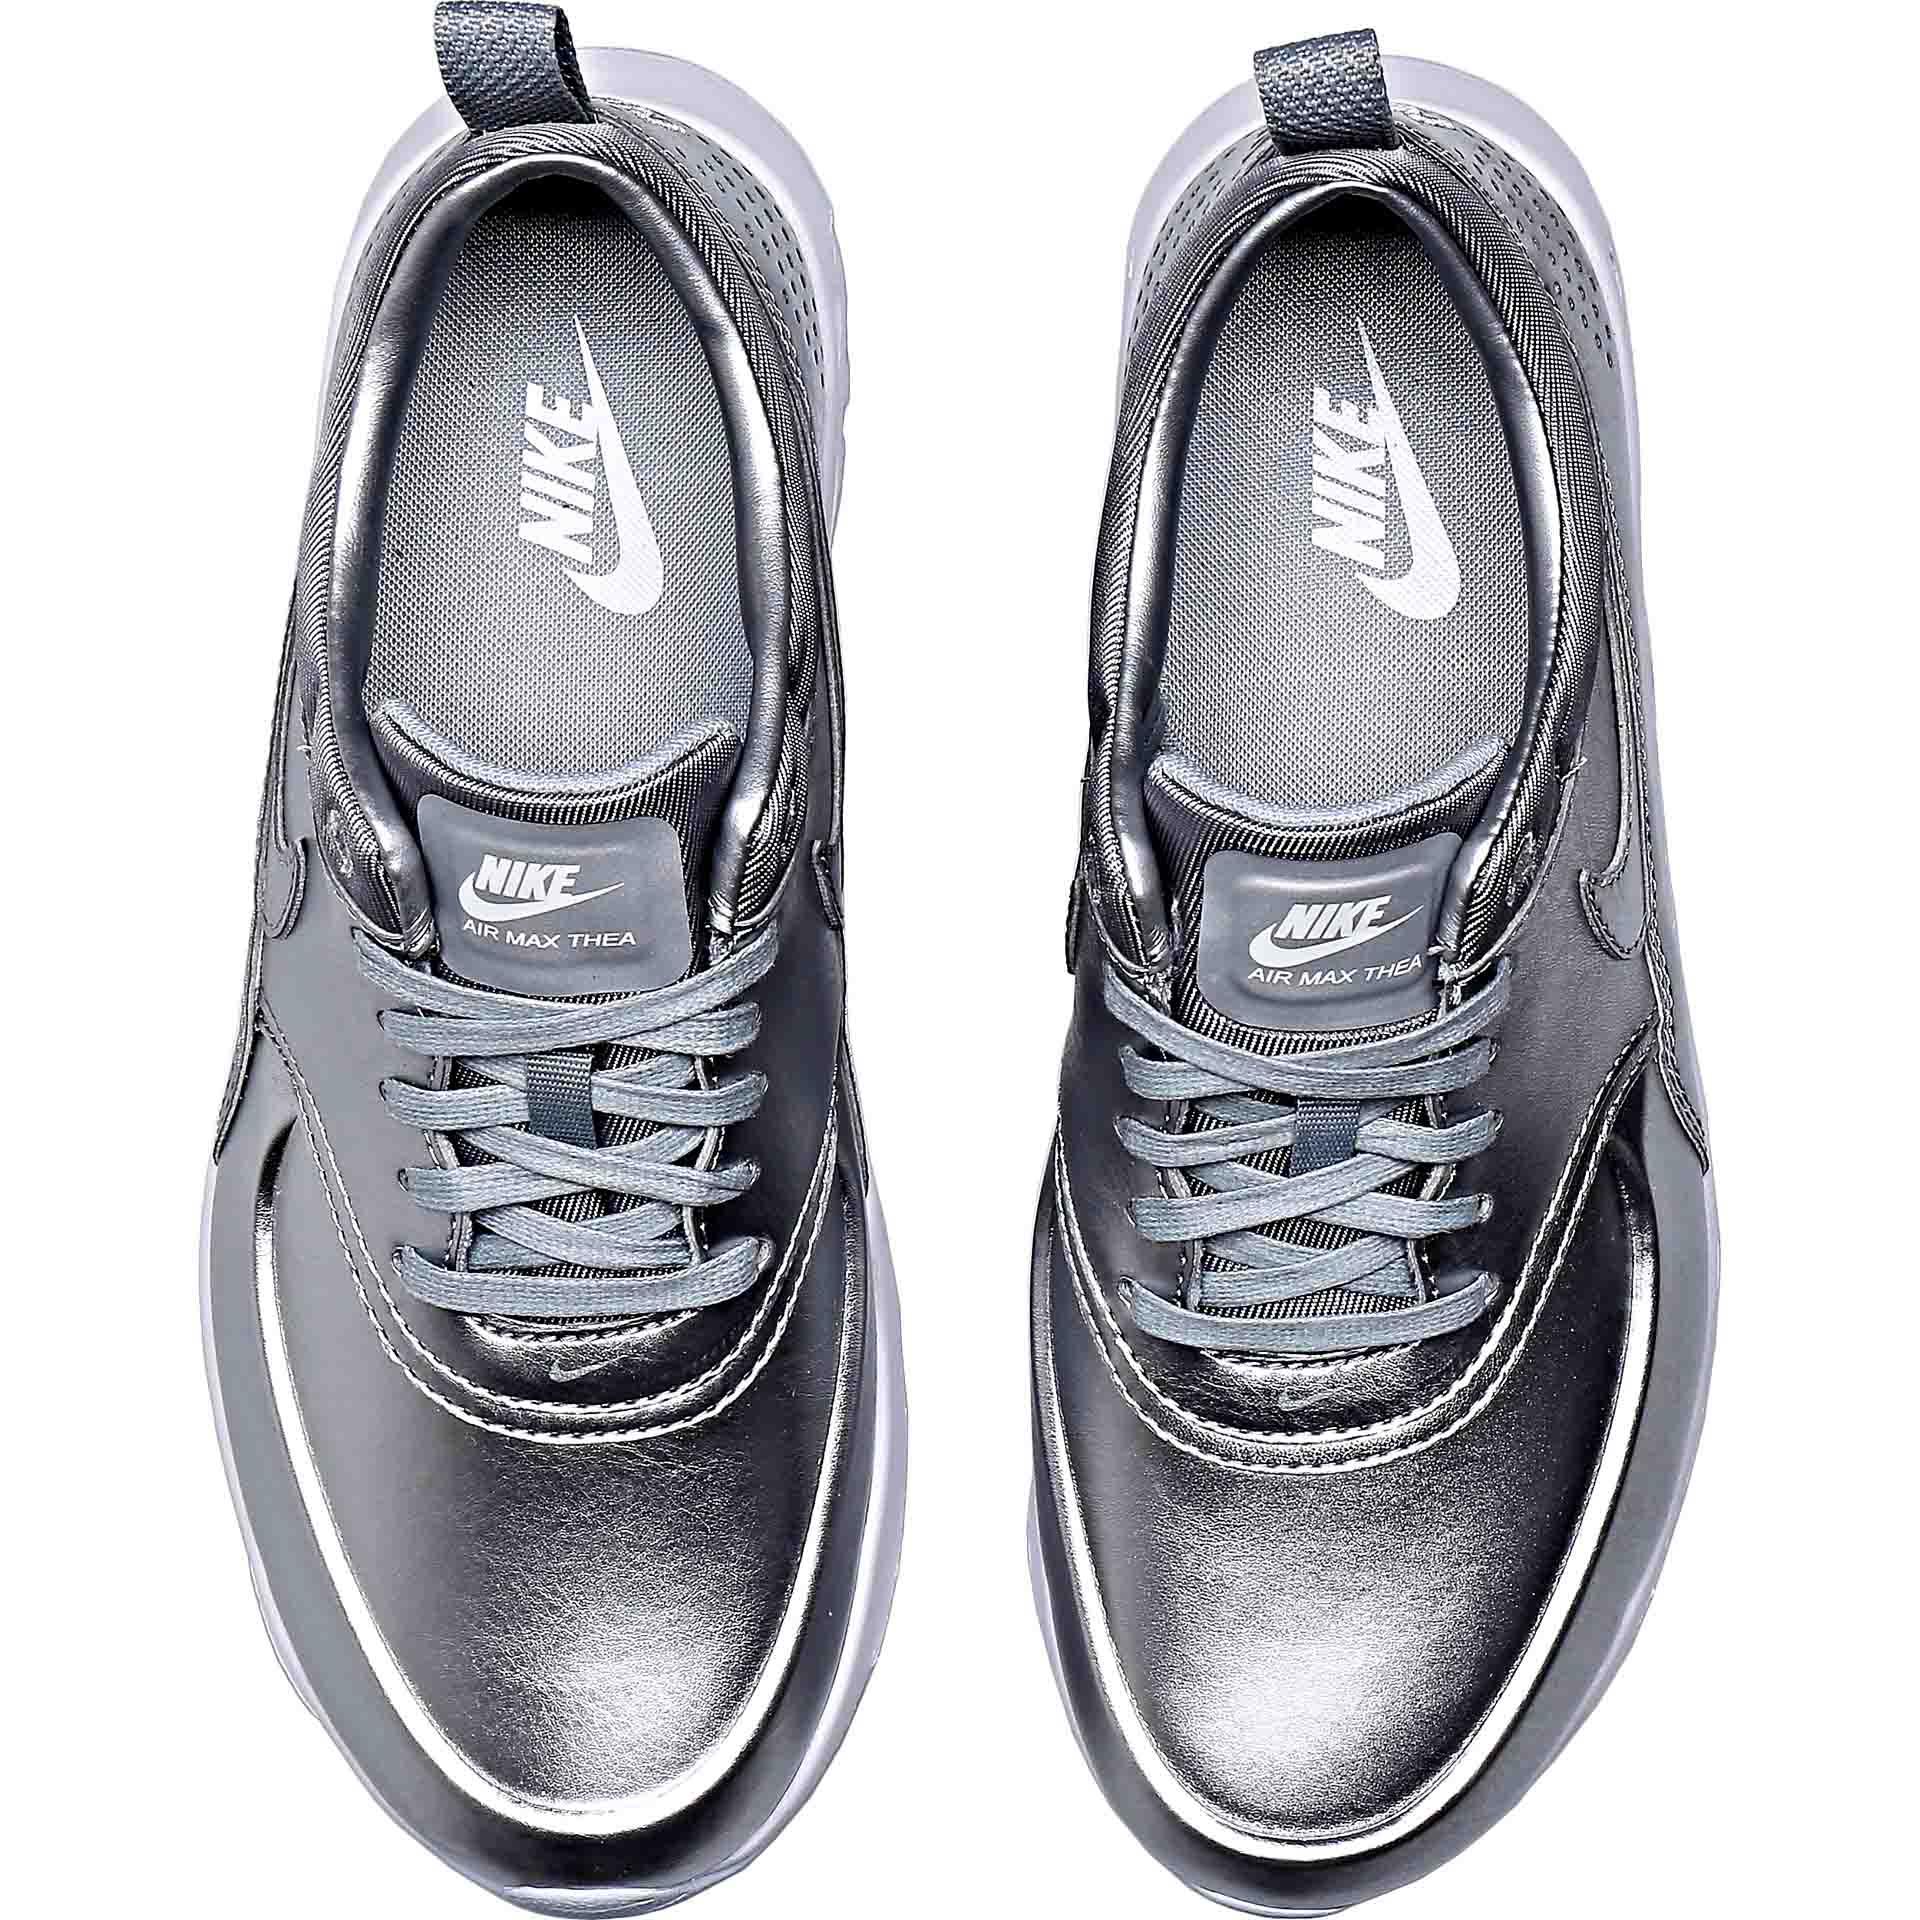 Monarquía Previsión conversacion  Nike Air Max Thea Metallic Silver | Where To Buy | 819640-001 | The Sole  Supplier